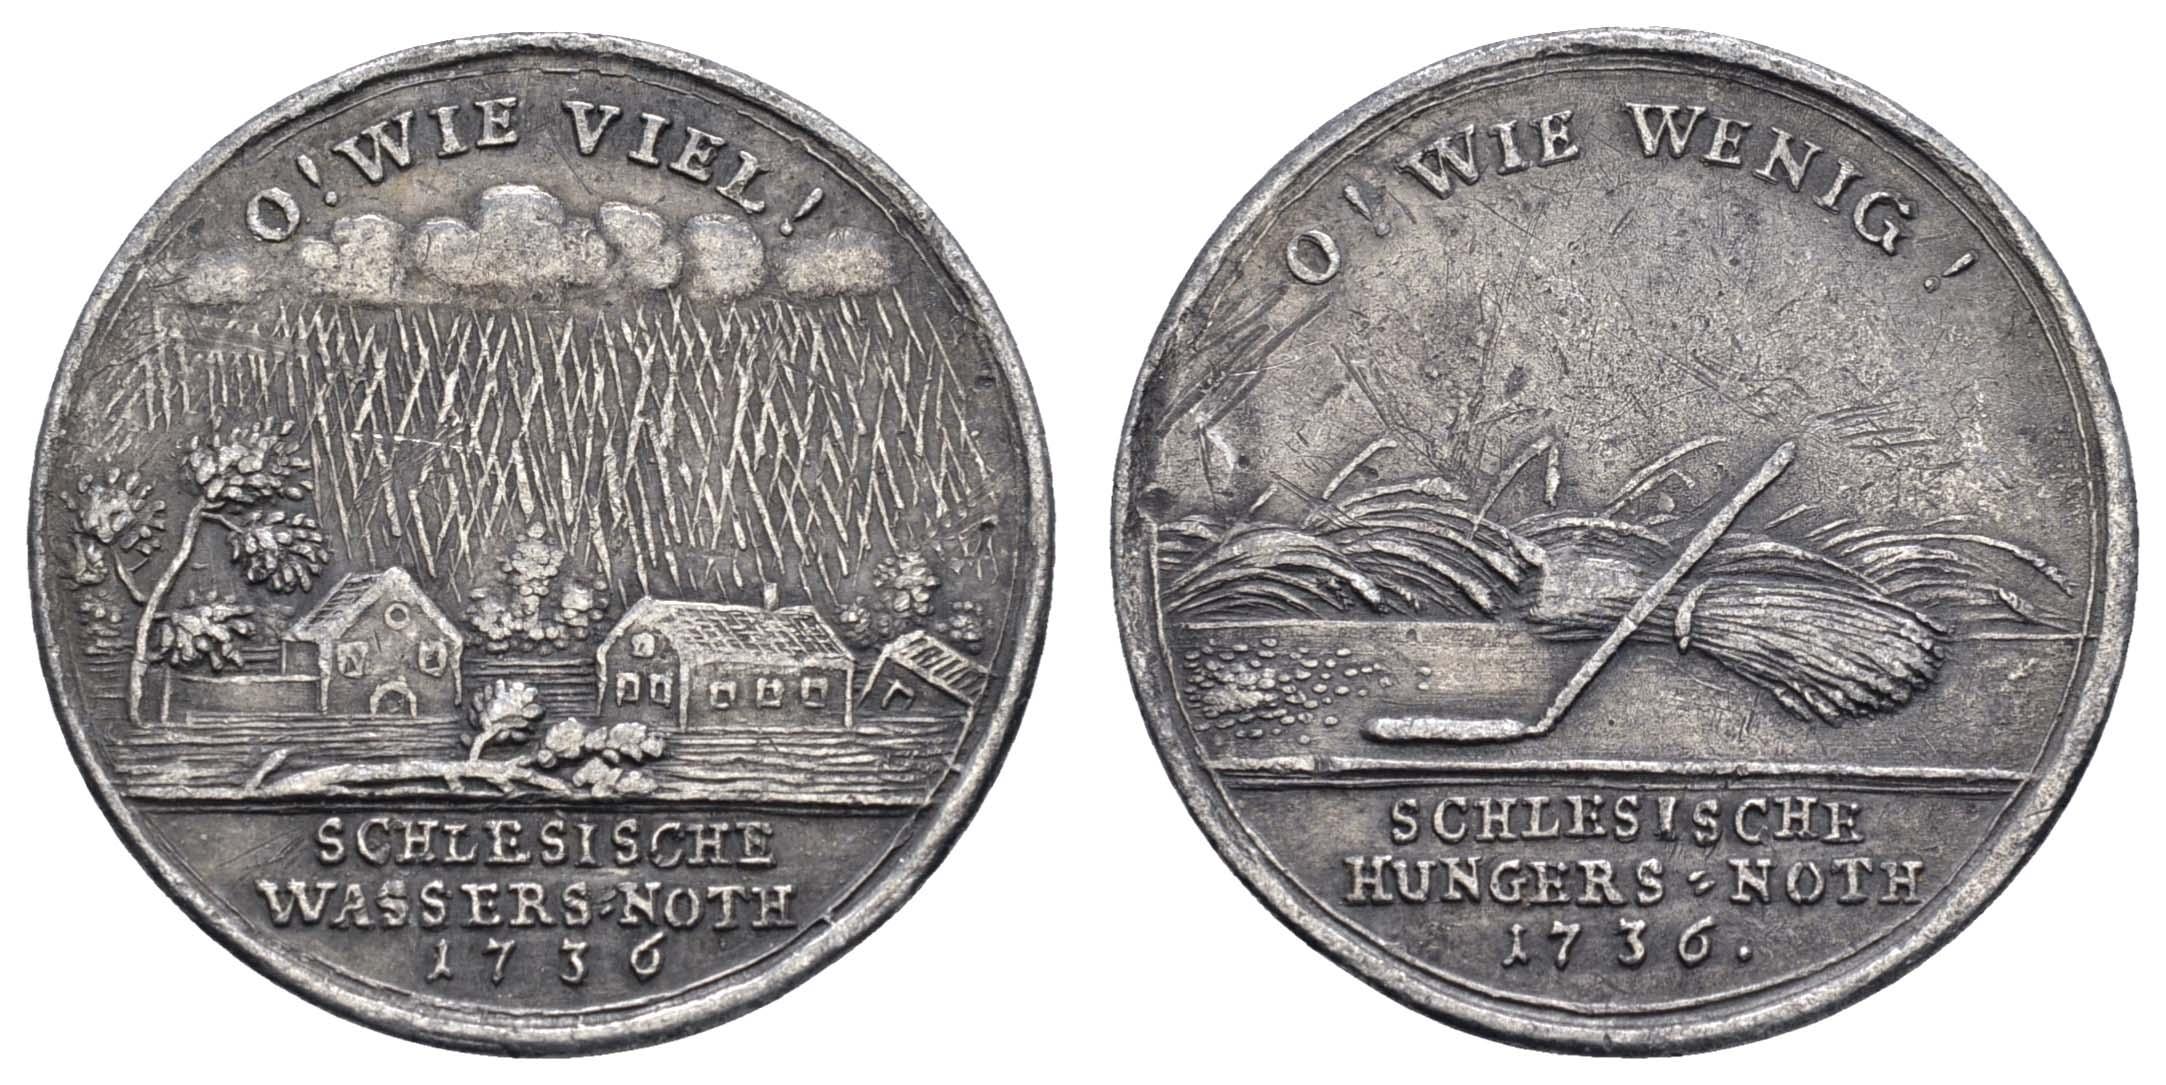 Lot 2246 - medaillen Sonstige Medaillen - Deutschland -  Auktionshaus Ulrich Felzmann GmbH & Co. KG Coins single lots